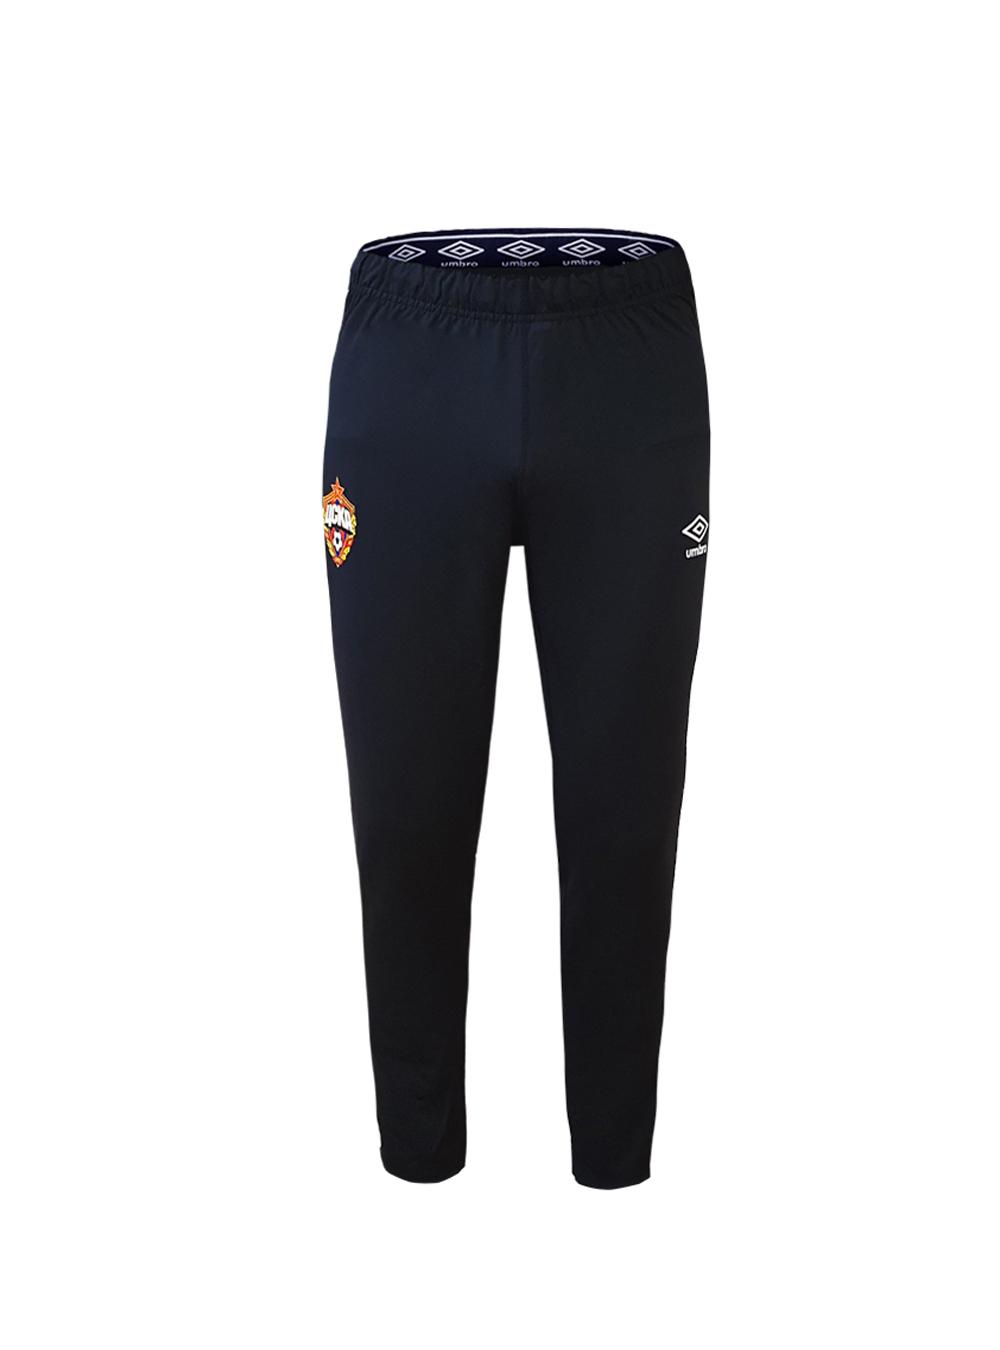 Костюм тренировочный (брюки зауженные), черный/белый (M) фото